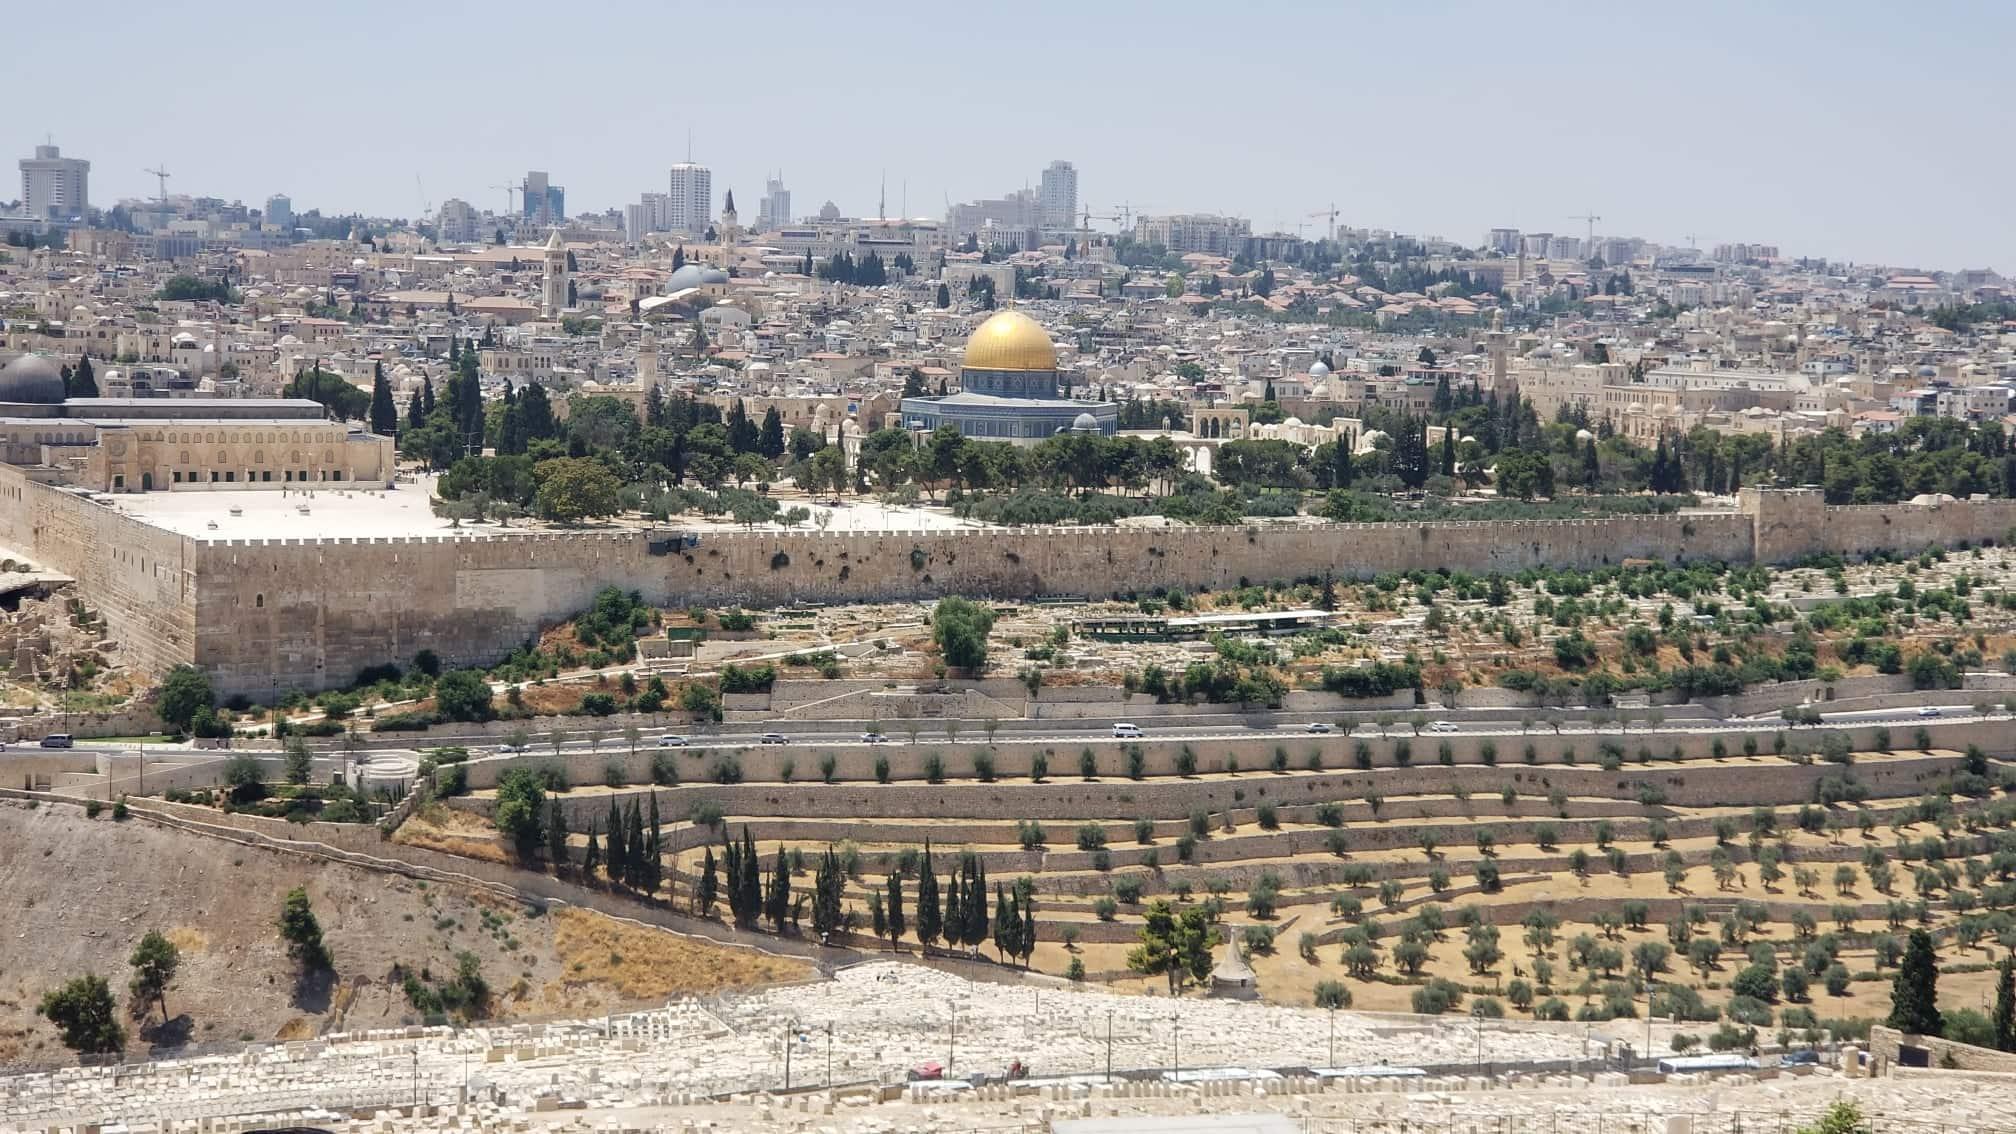 Transitions: Summers in Jordan